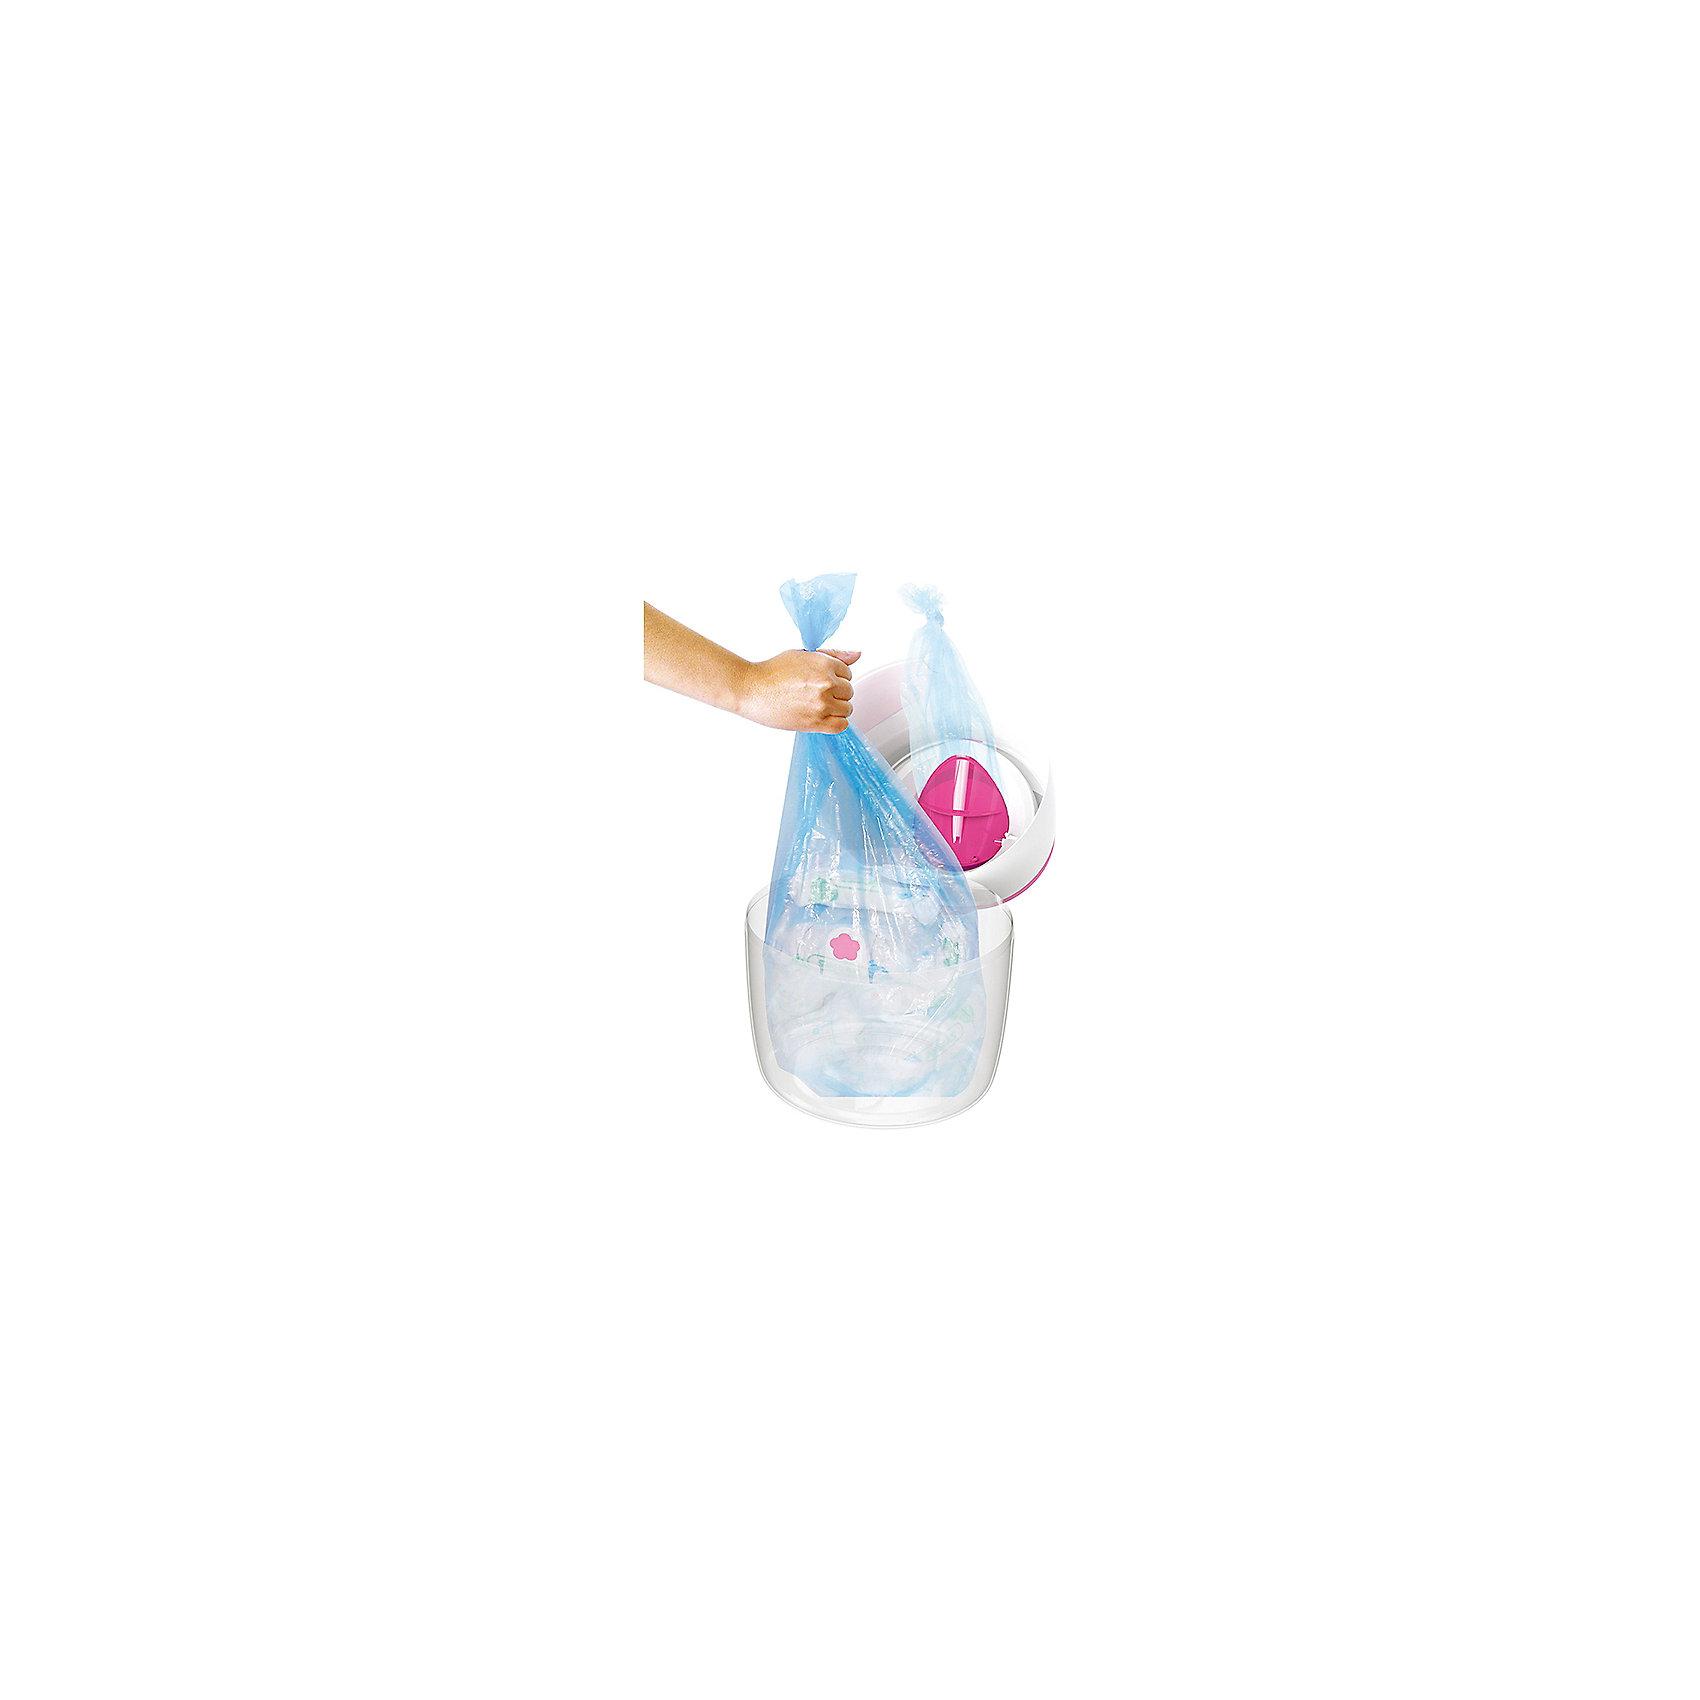 Накопитель подгузников, Angelcare Mini, голубой